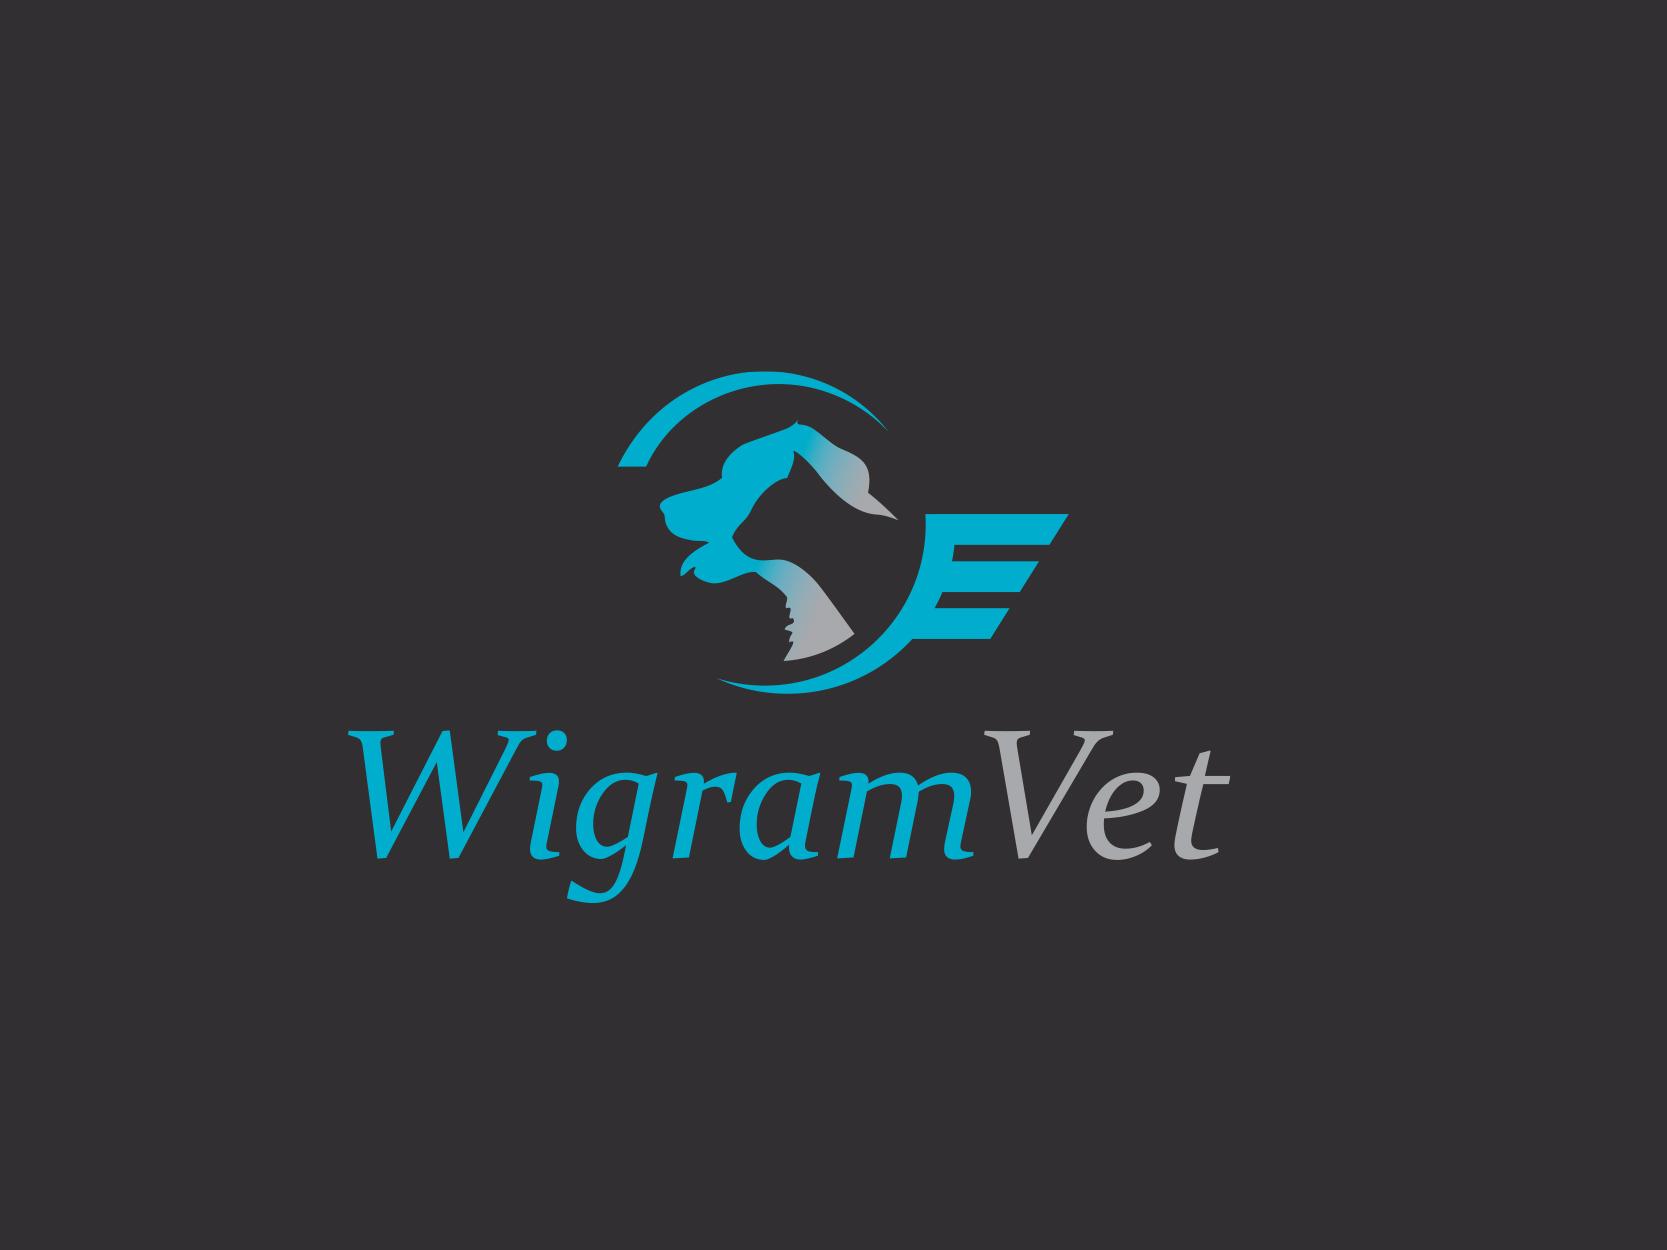 wigram-vet-logo